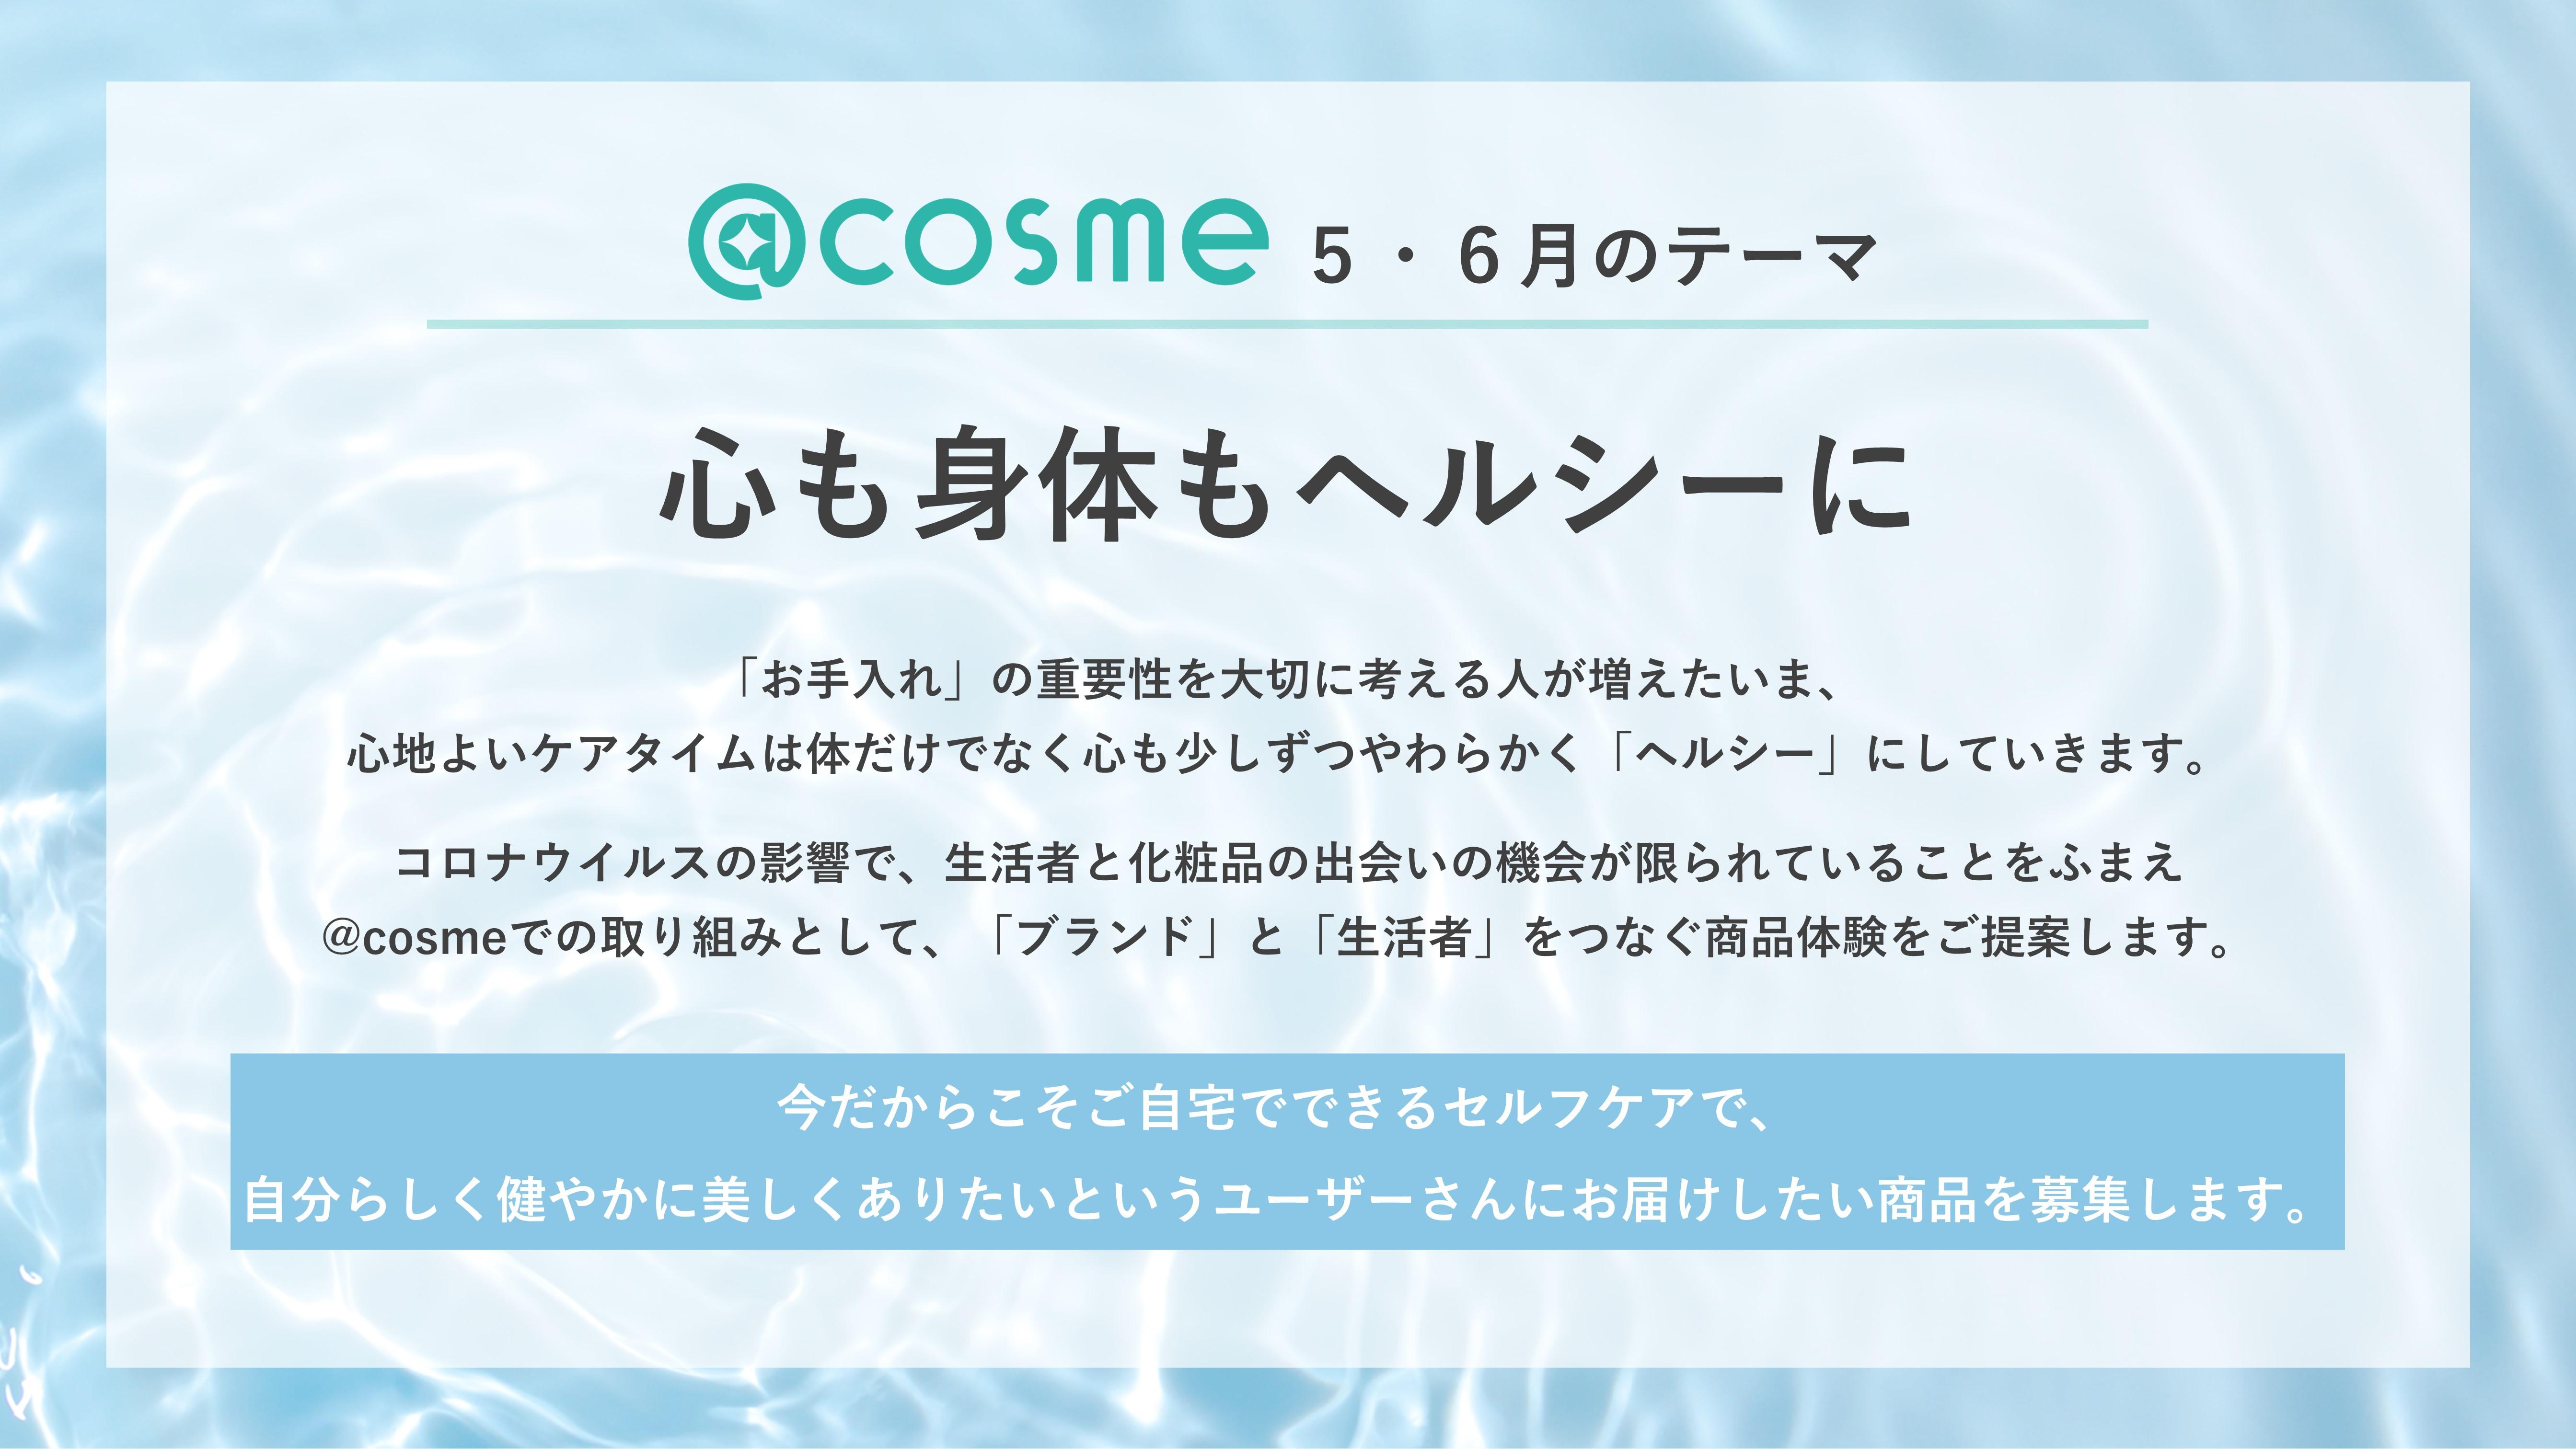 @cosme特集テーマ連動!無料サンプリング募集開始 サムネイル画像